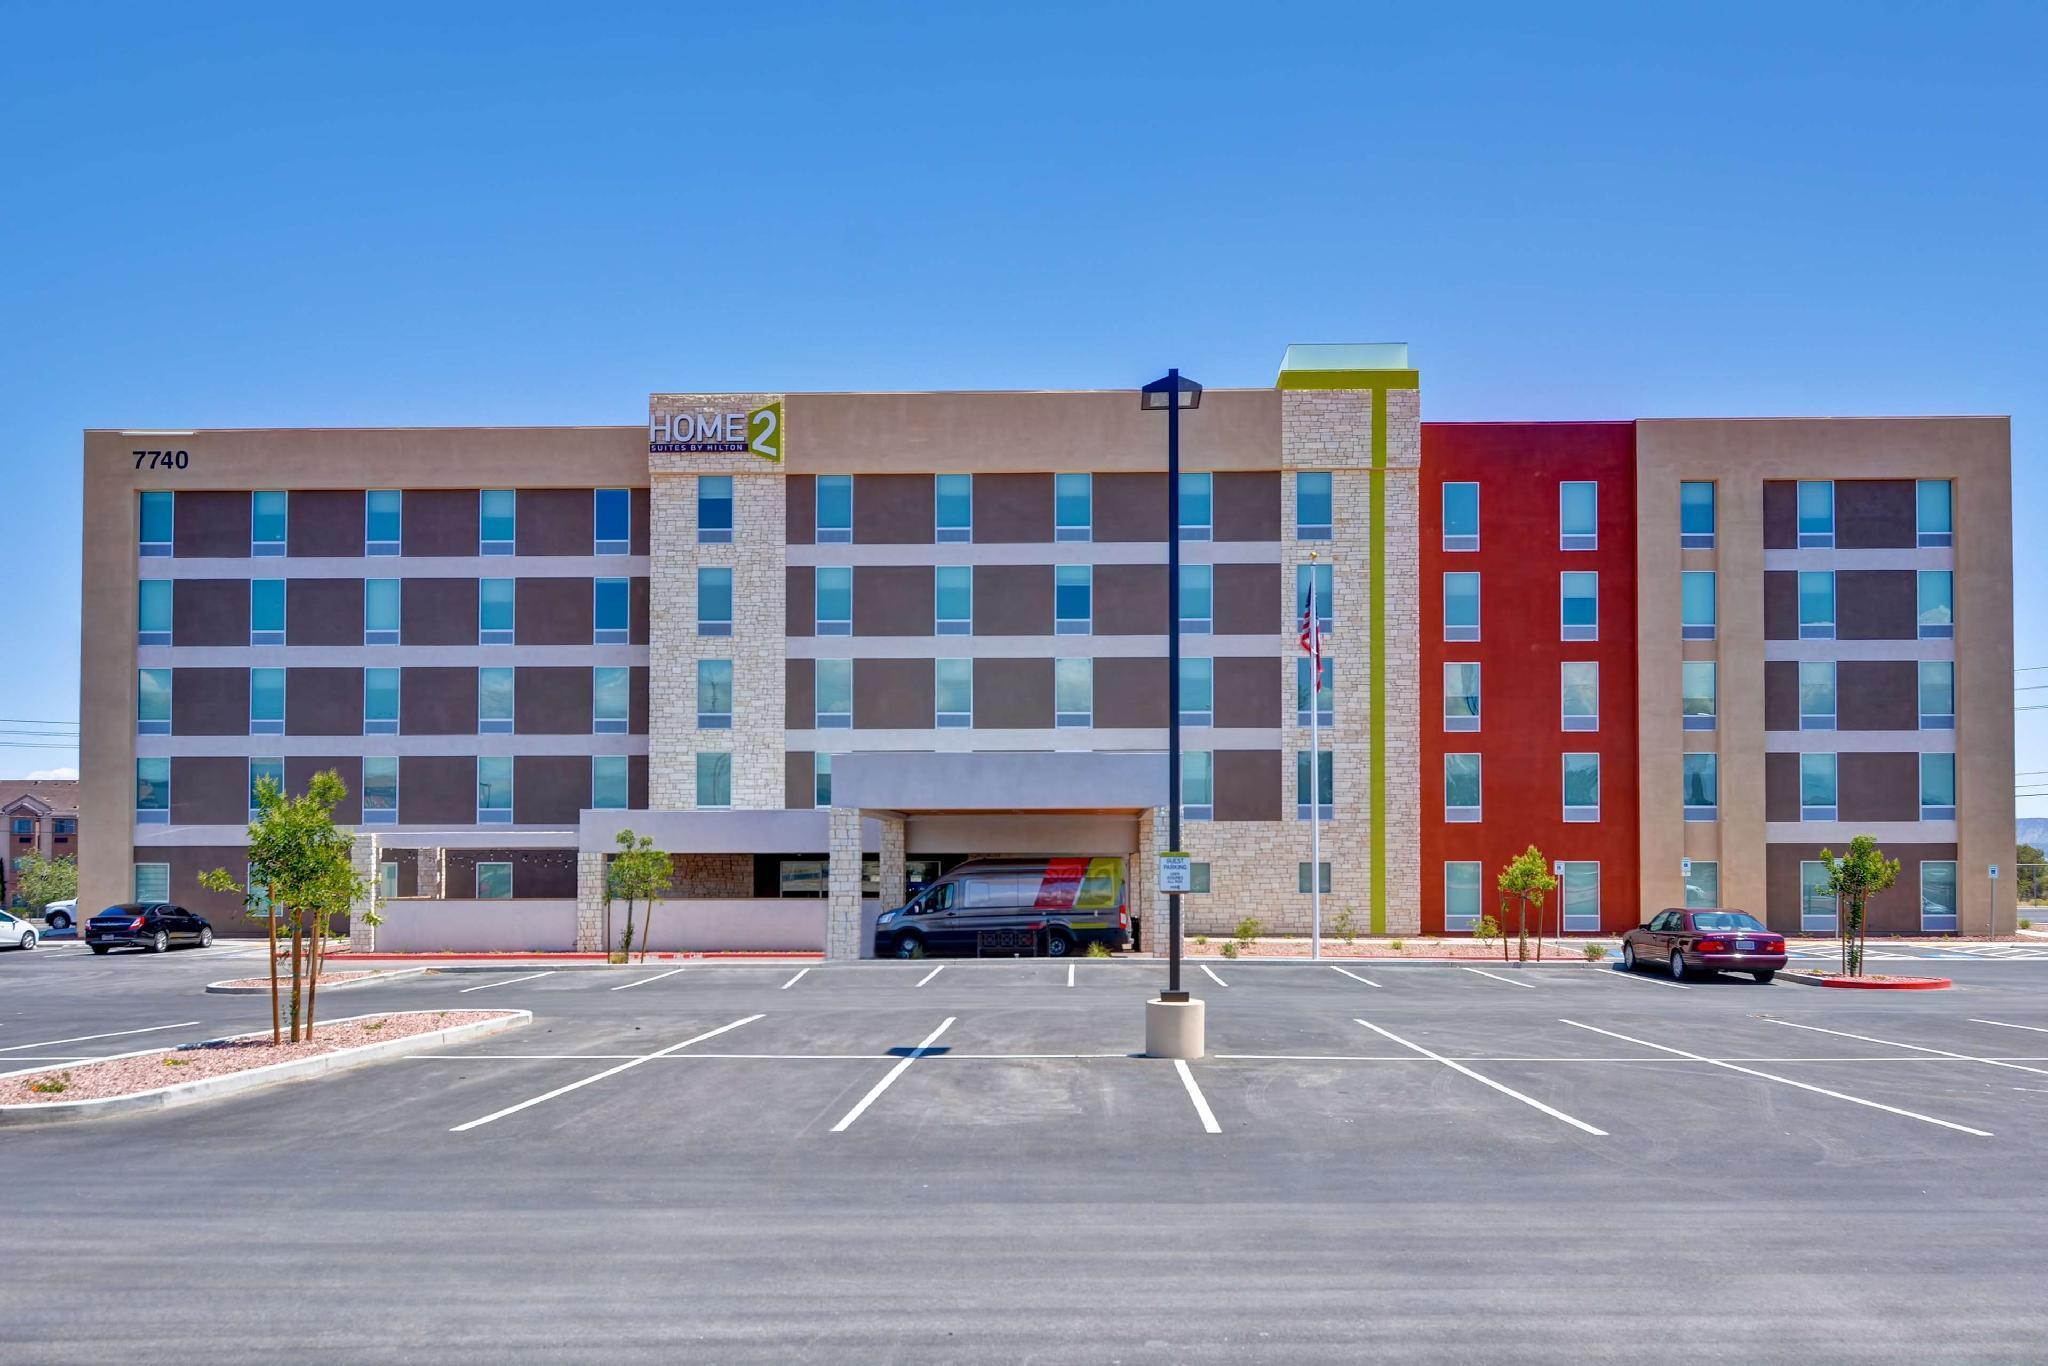 Home2 Suites by Hilton Las Vegas Strip South